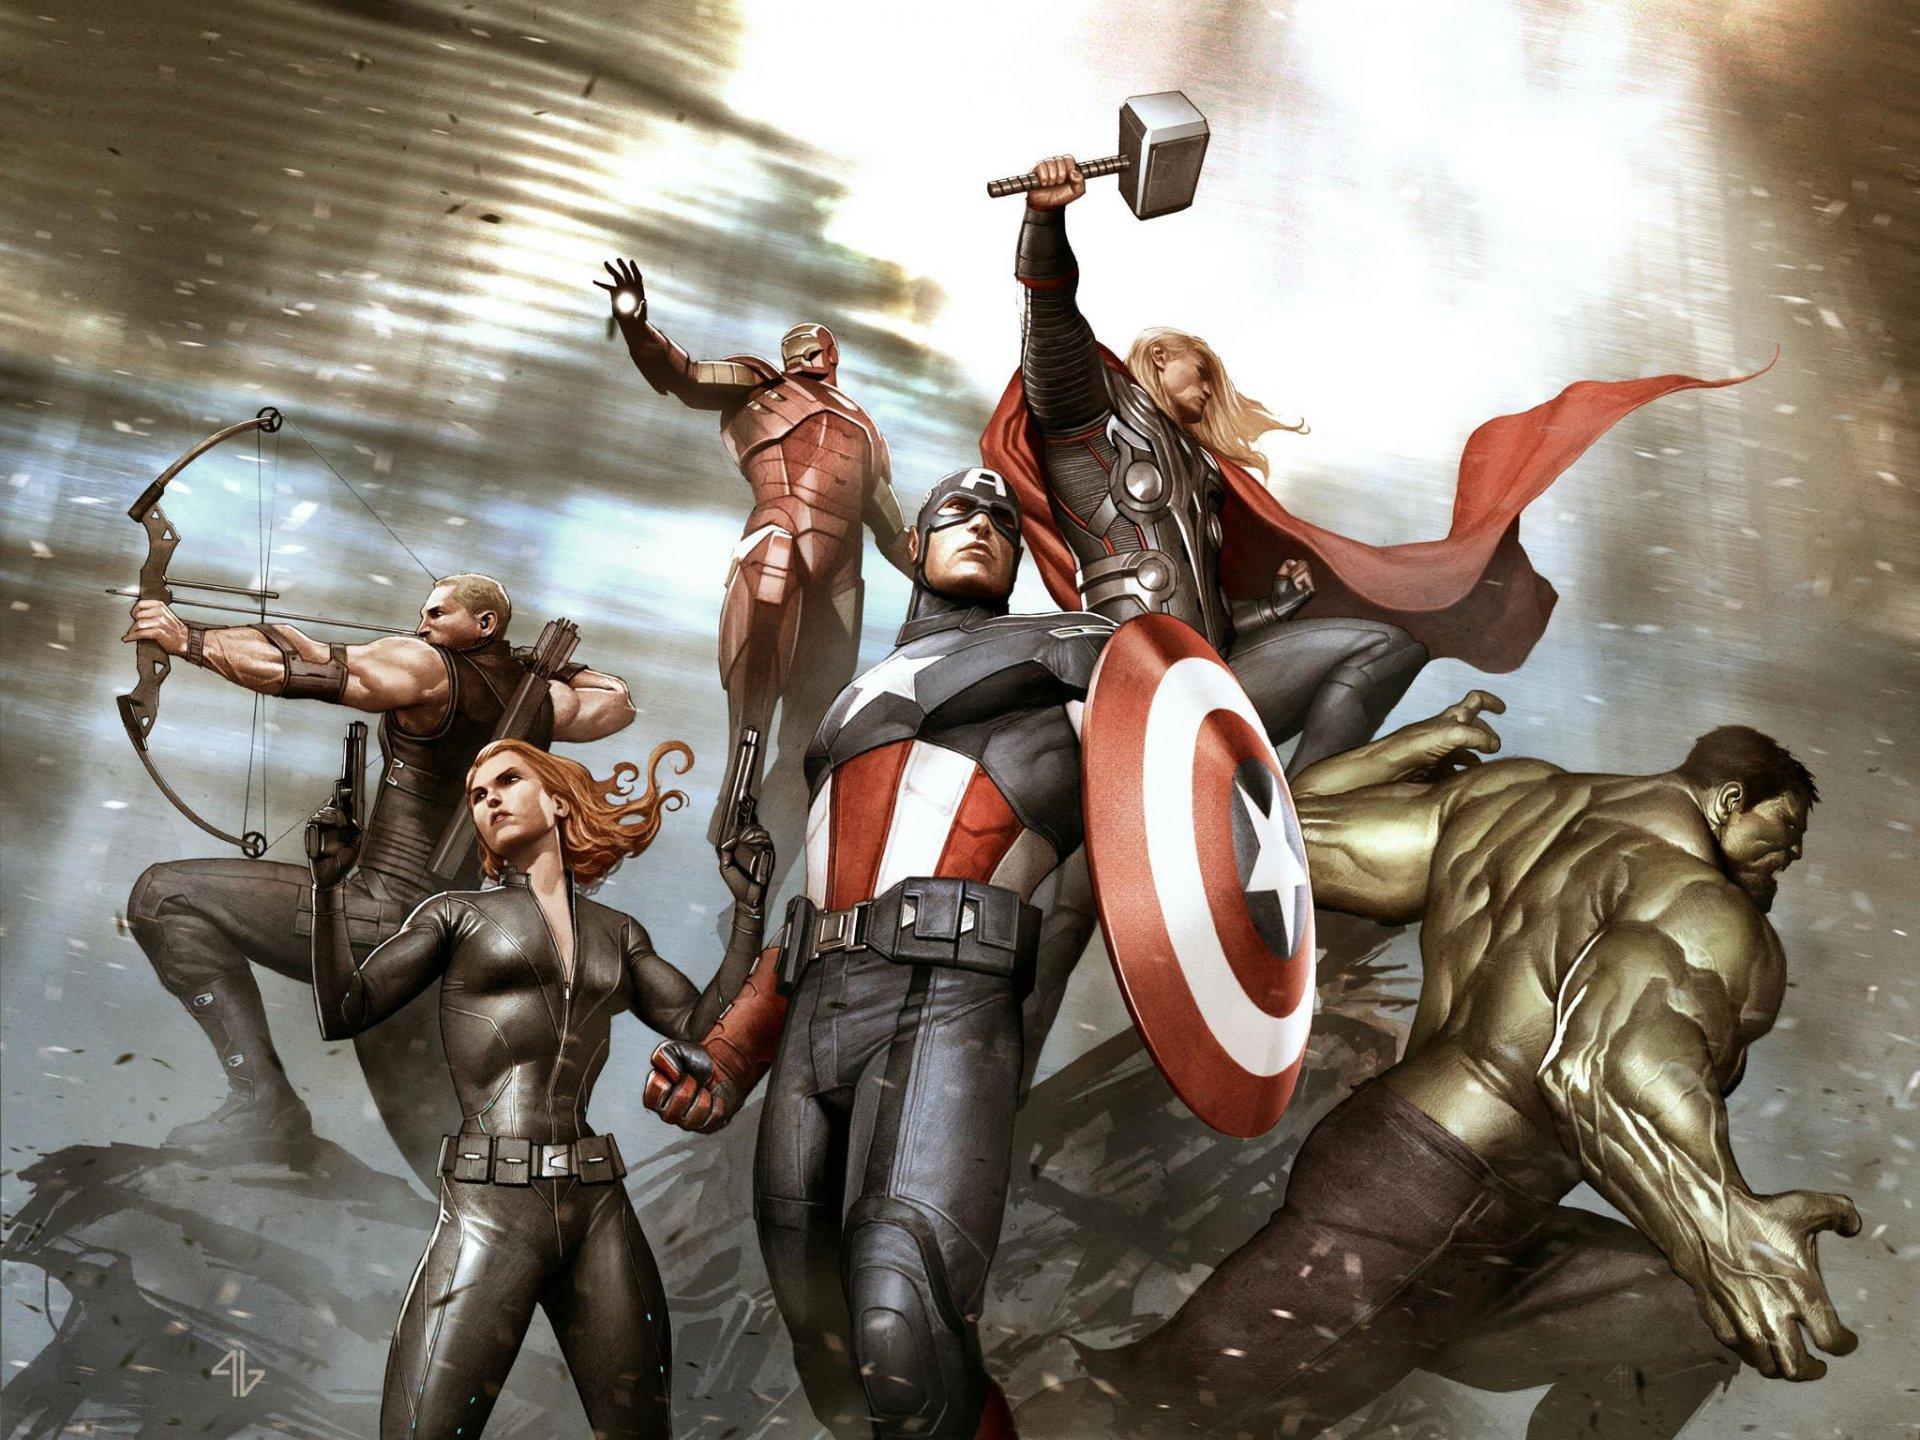 Железный человек Avengers  № 1390539 загрузить